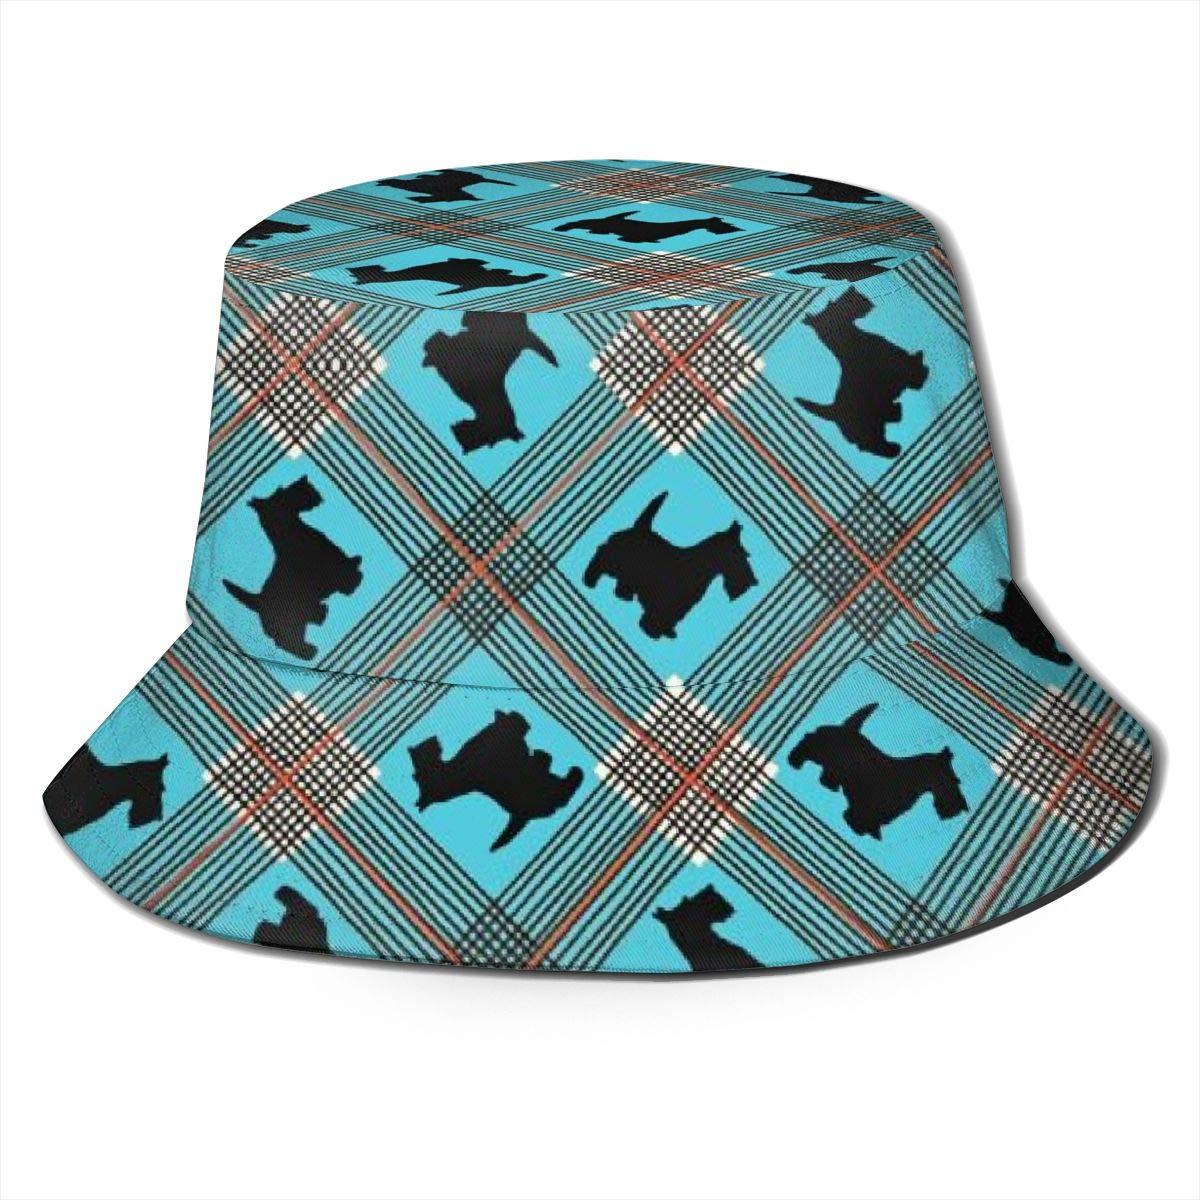 Unisex 100/% Polyester Scottish Terrier Mesh Cap Classic Trucker Baseball Cap for Unisex